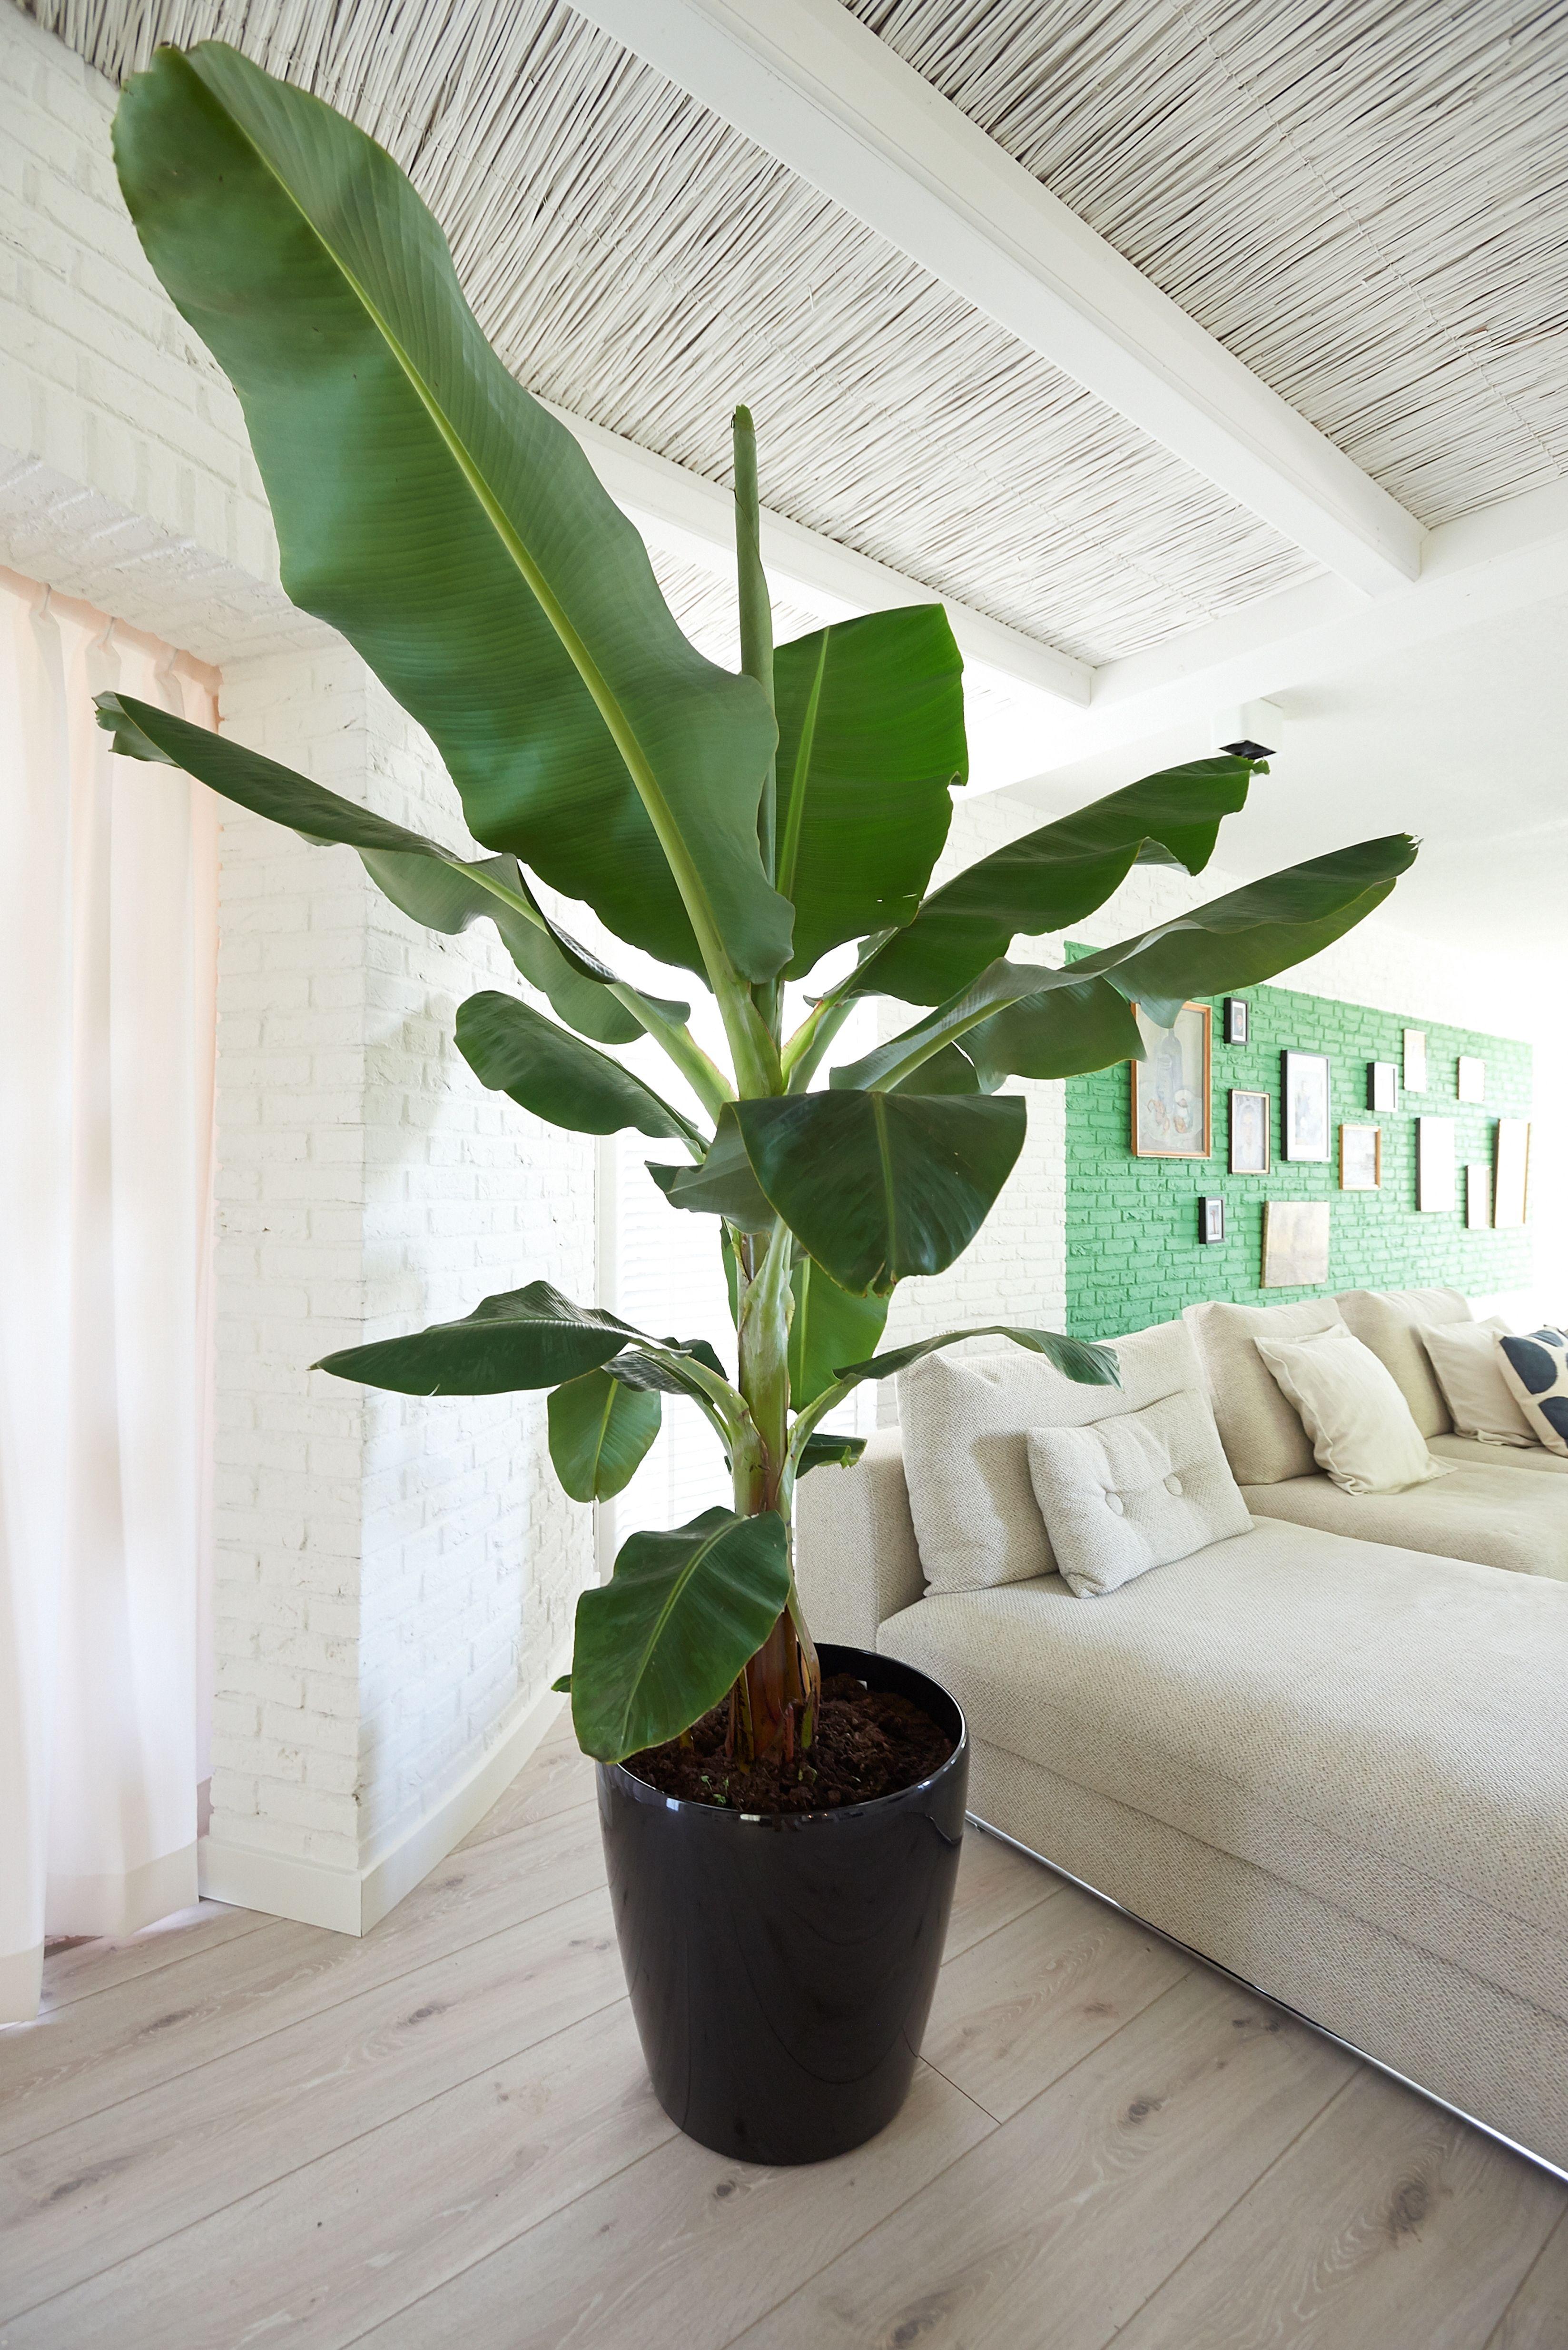 rtlwm najaar 2015 afl. 7 kamerplant van chicplants http://www